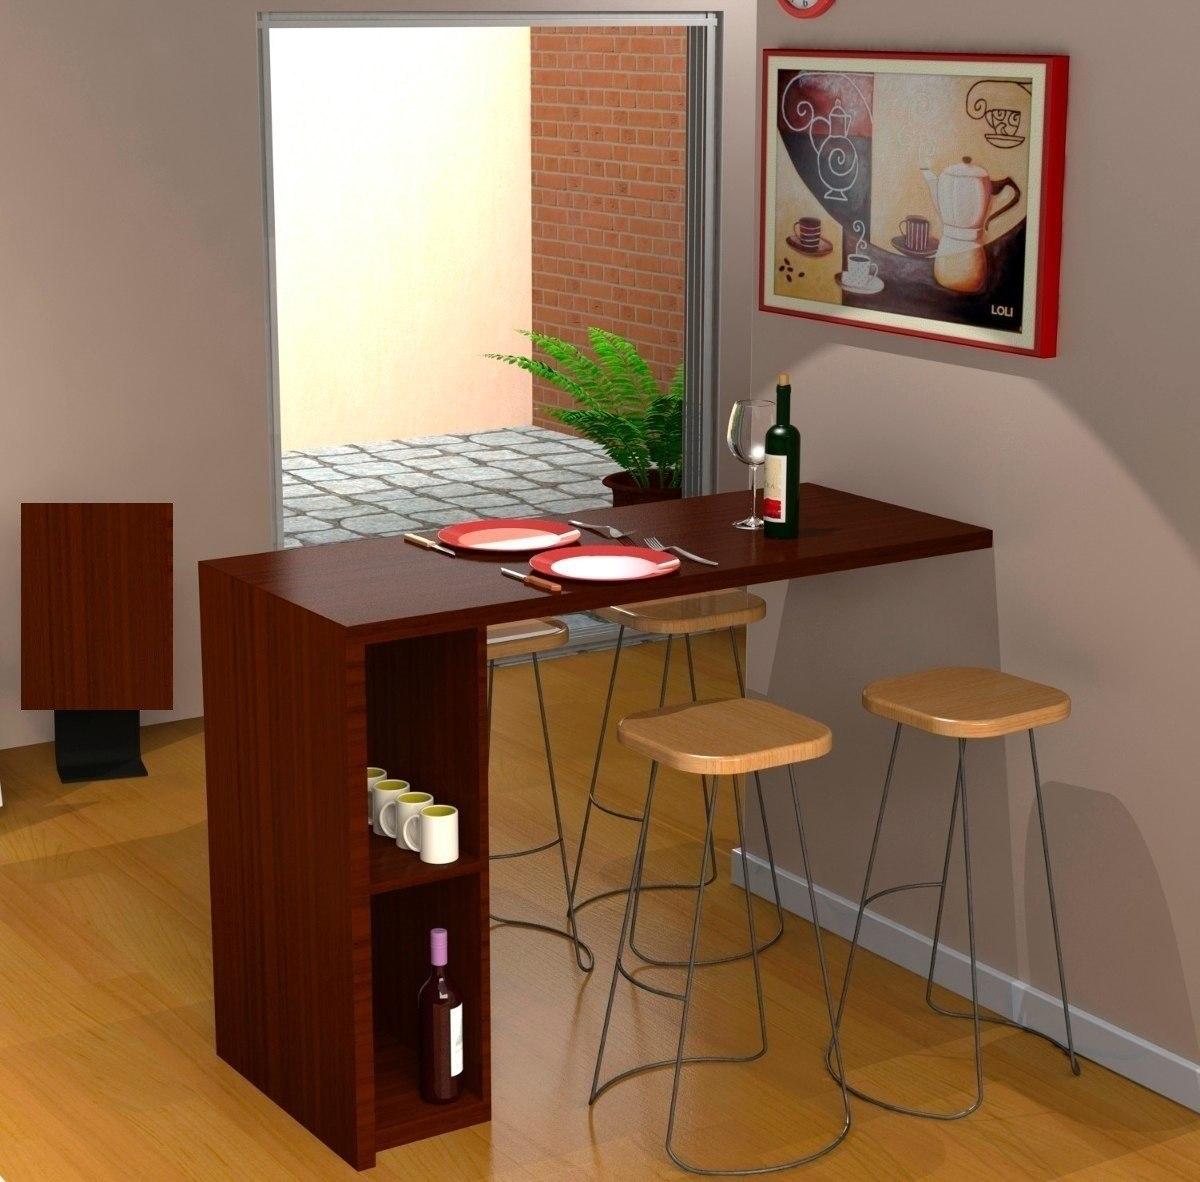 Mesa desayunadora escritorio moderno para cocina oficina bs en mercado libre - Mesa barra cocina ...